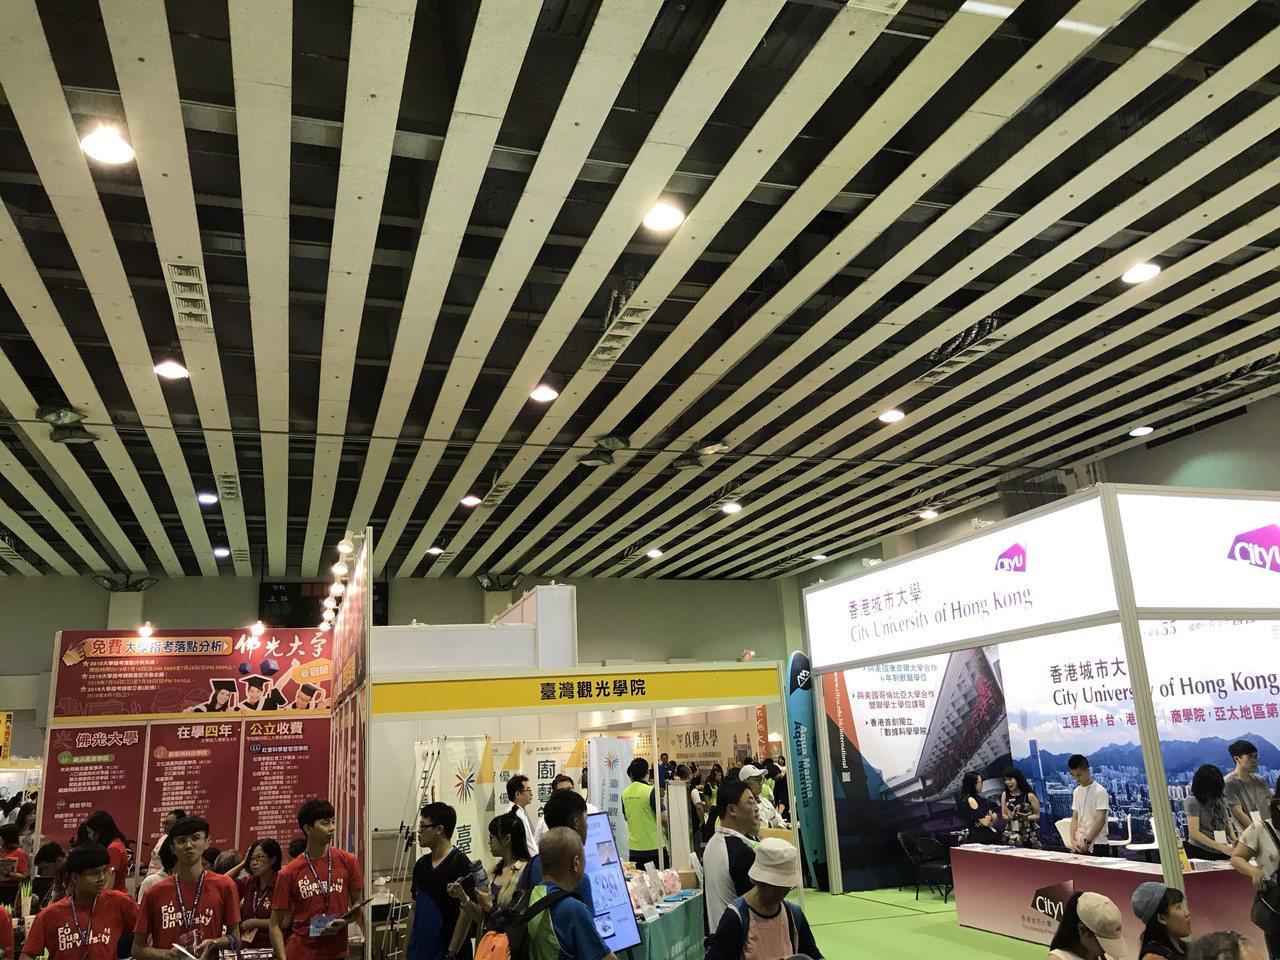 大學博覽會在台大體育館舉行。記者潘乃欣/攝影